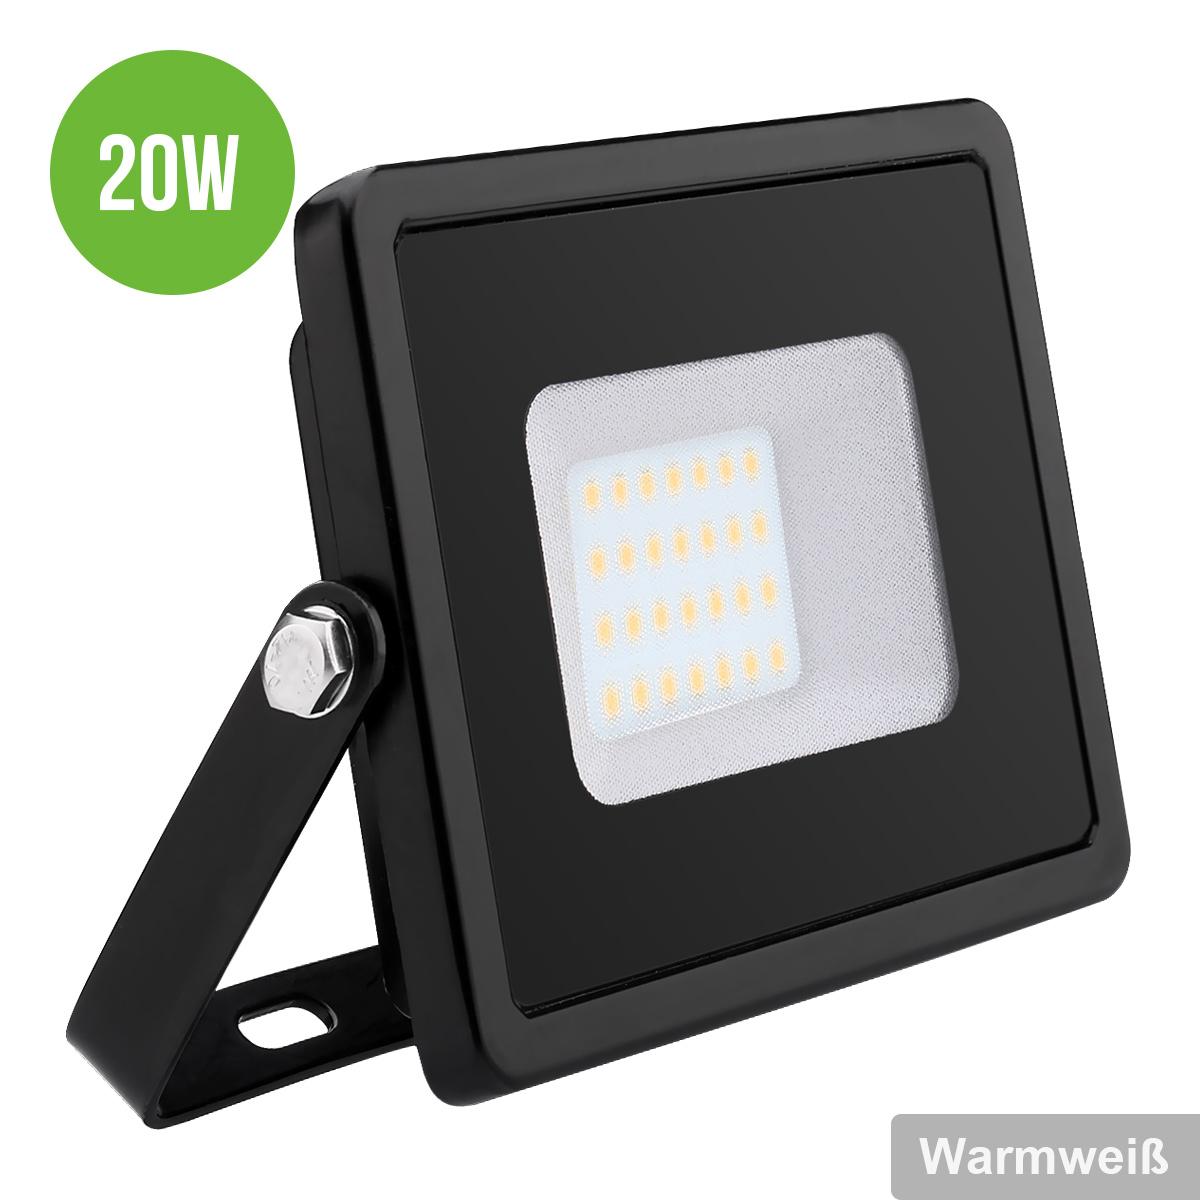 LED Fluter 20W, 1600lm Flutlicht, IP65 Wasserdicht, Warmweiß, ersetzt 200W Halogenlampe, LED Außenleuchten, Flutlichtstrahler, LED Außenleuchten